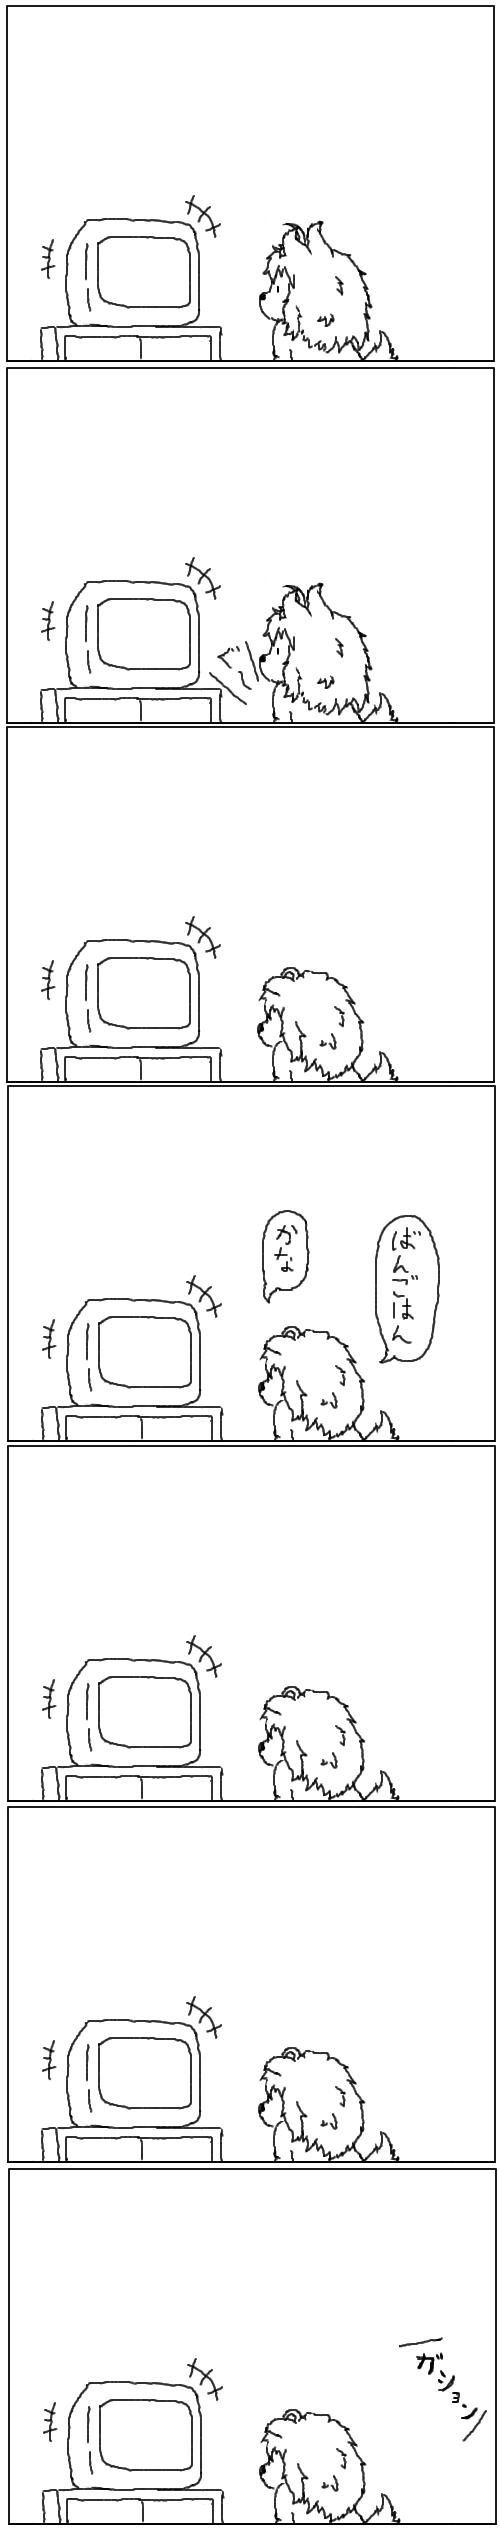 ケモノ好き未満第11話その2